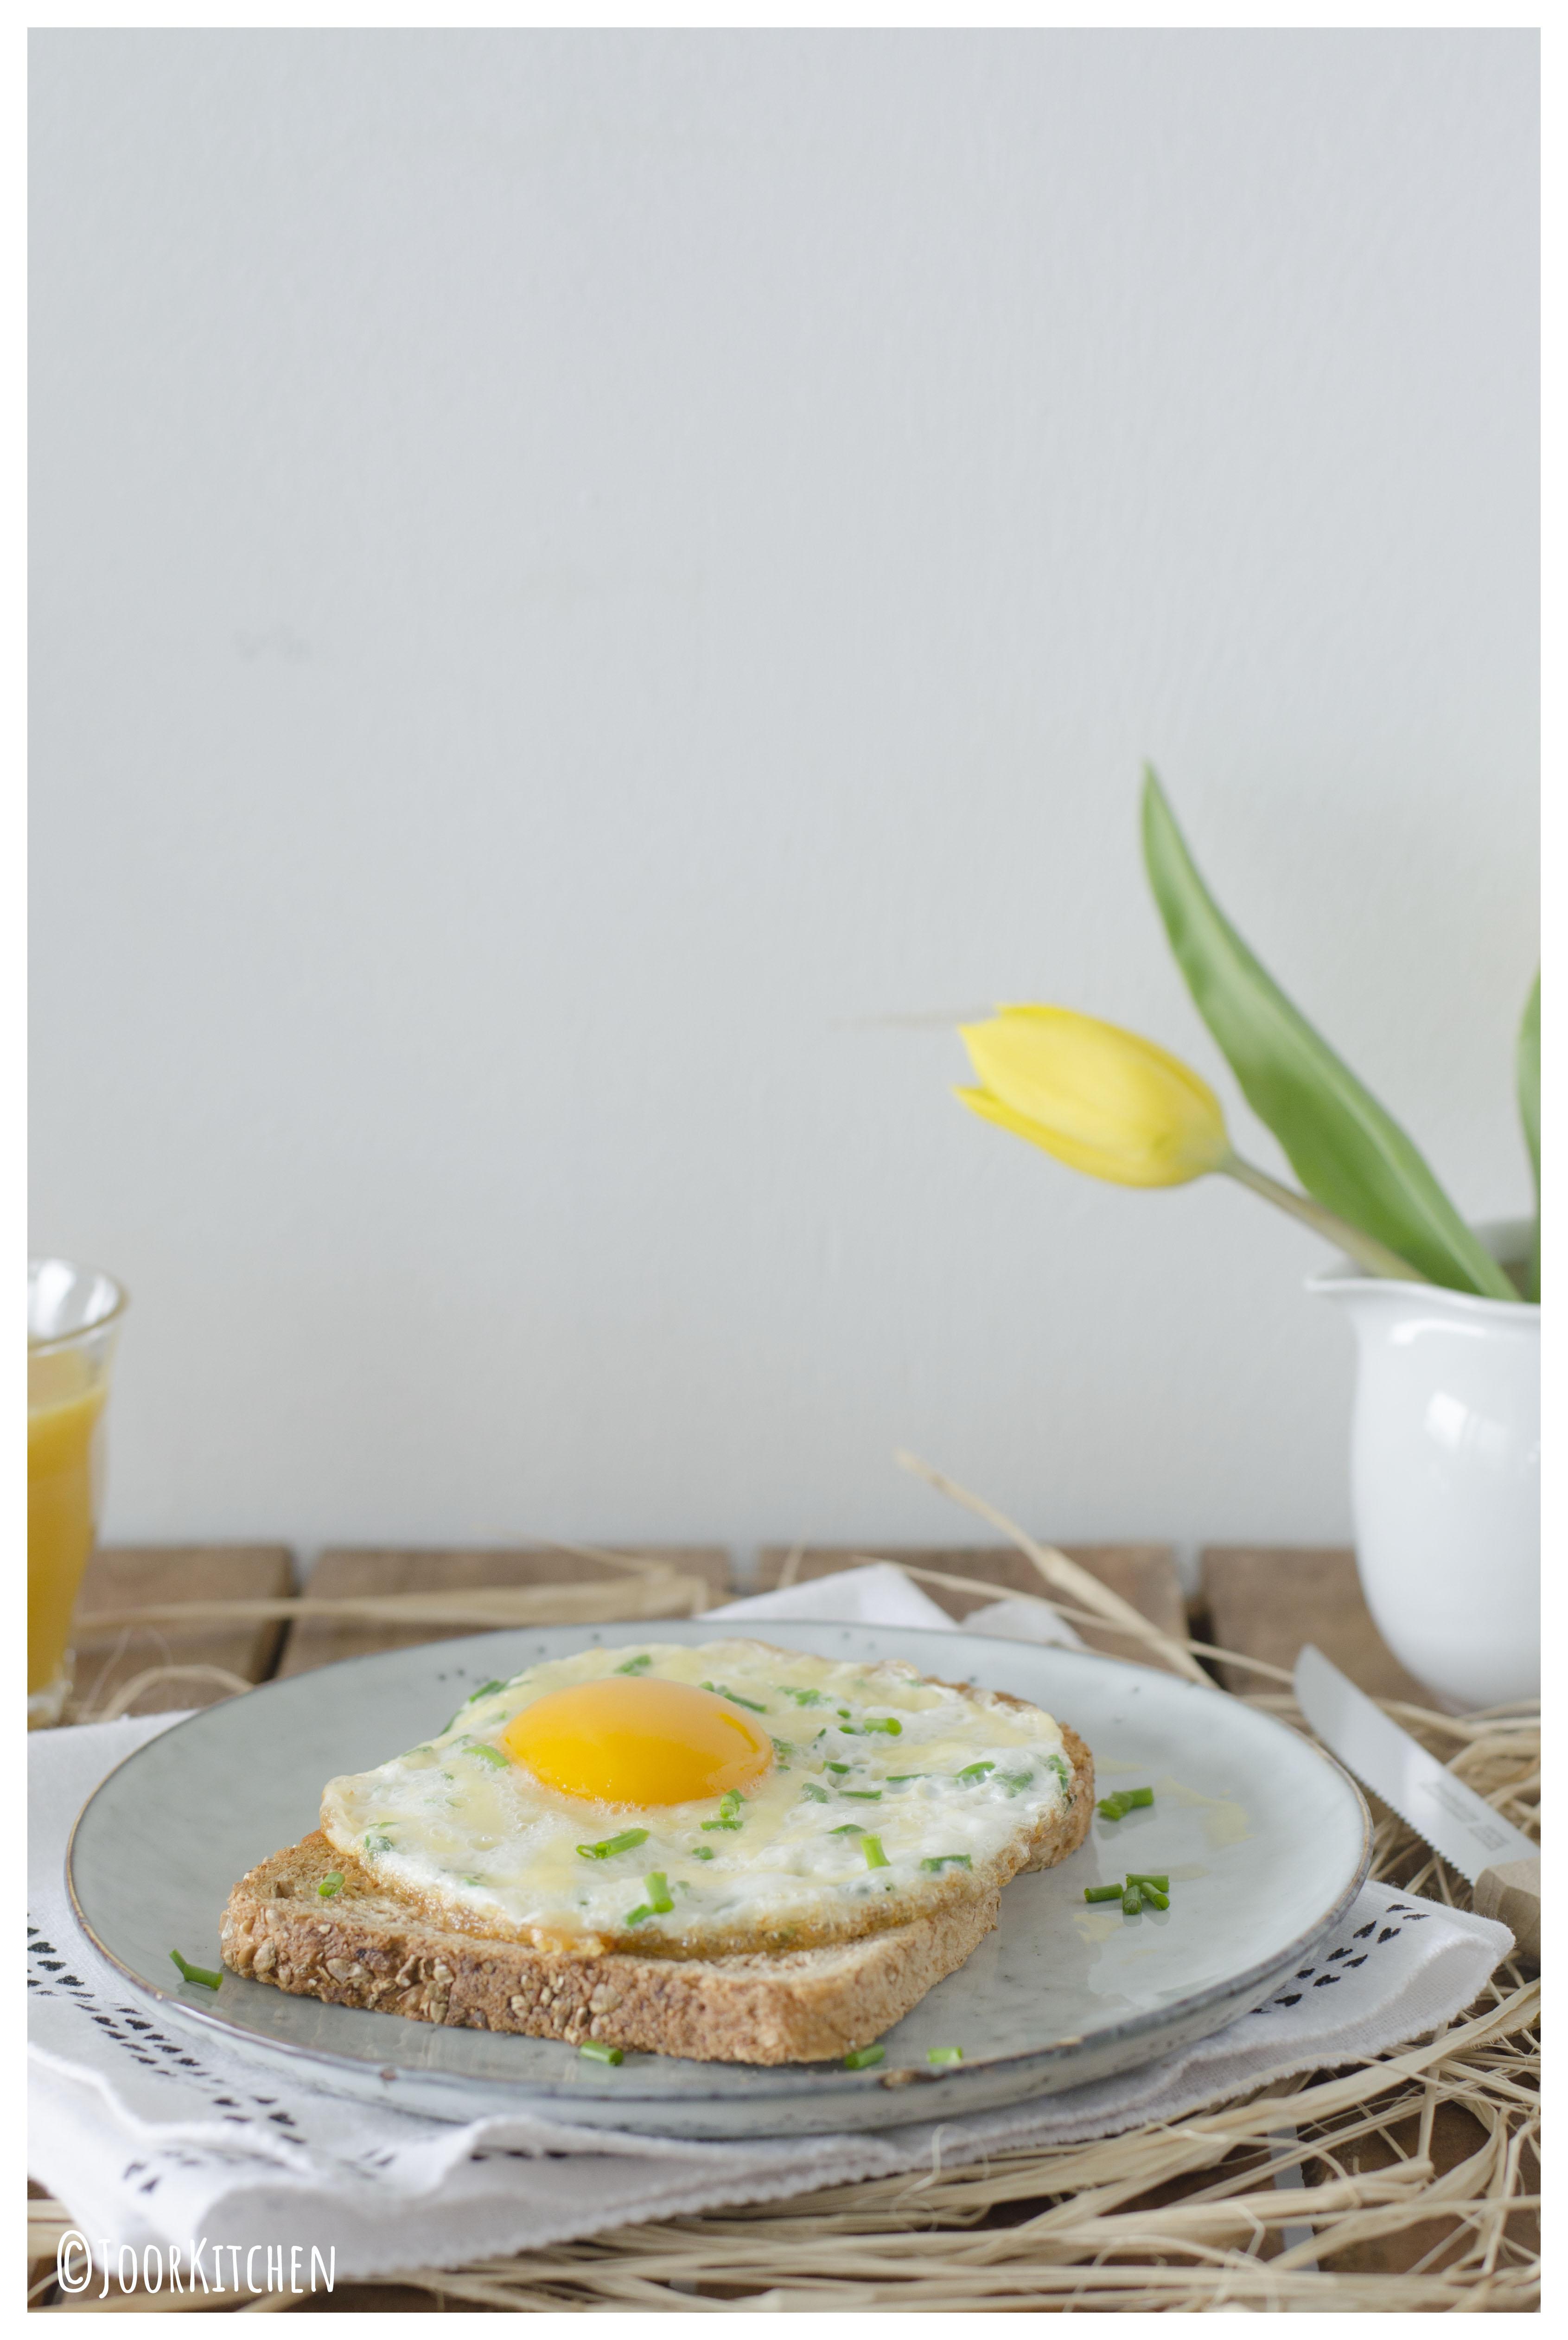 omeletpasen6